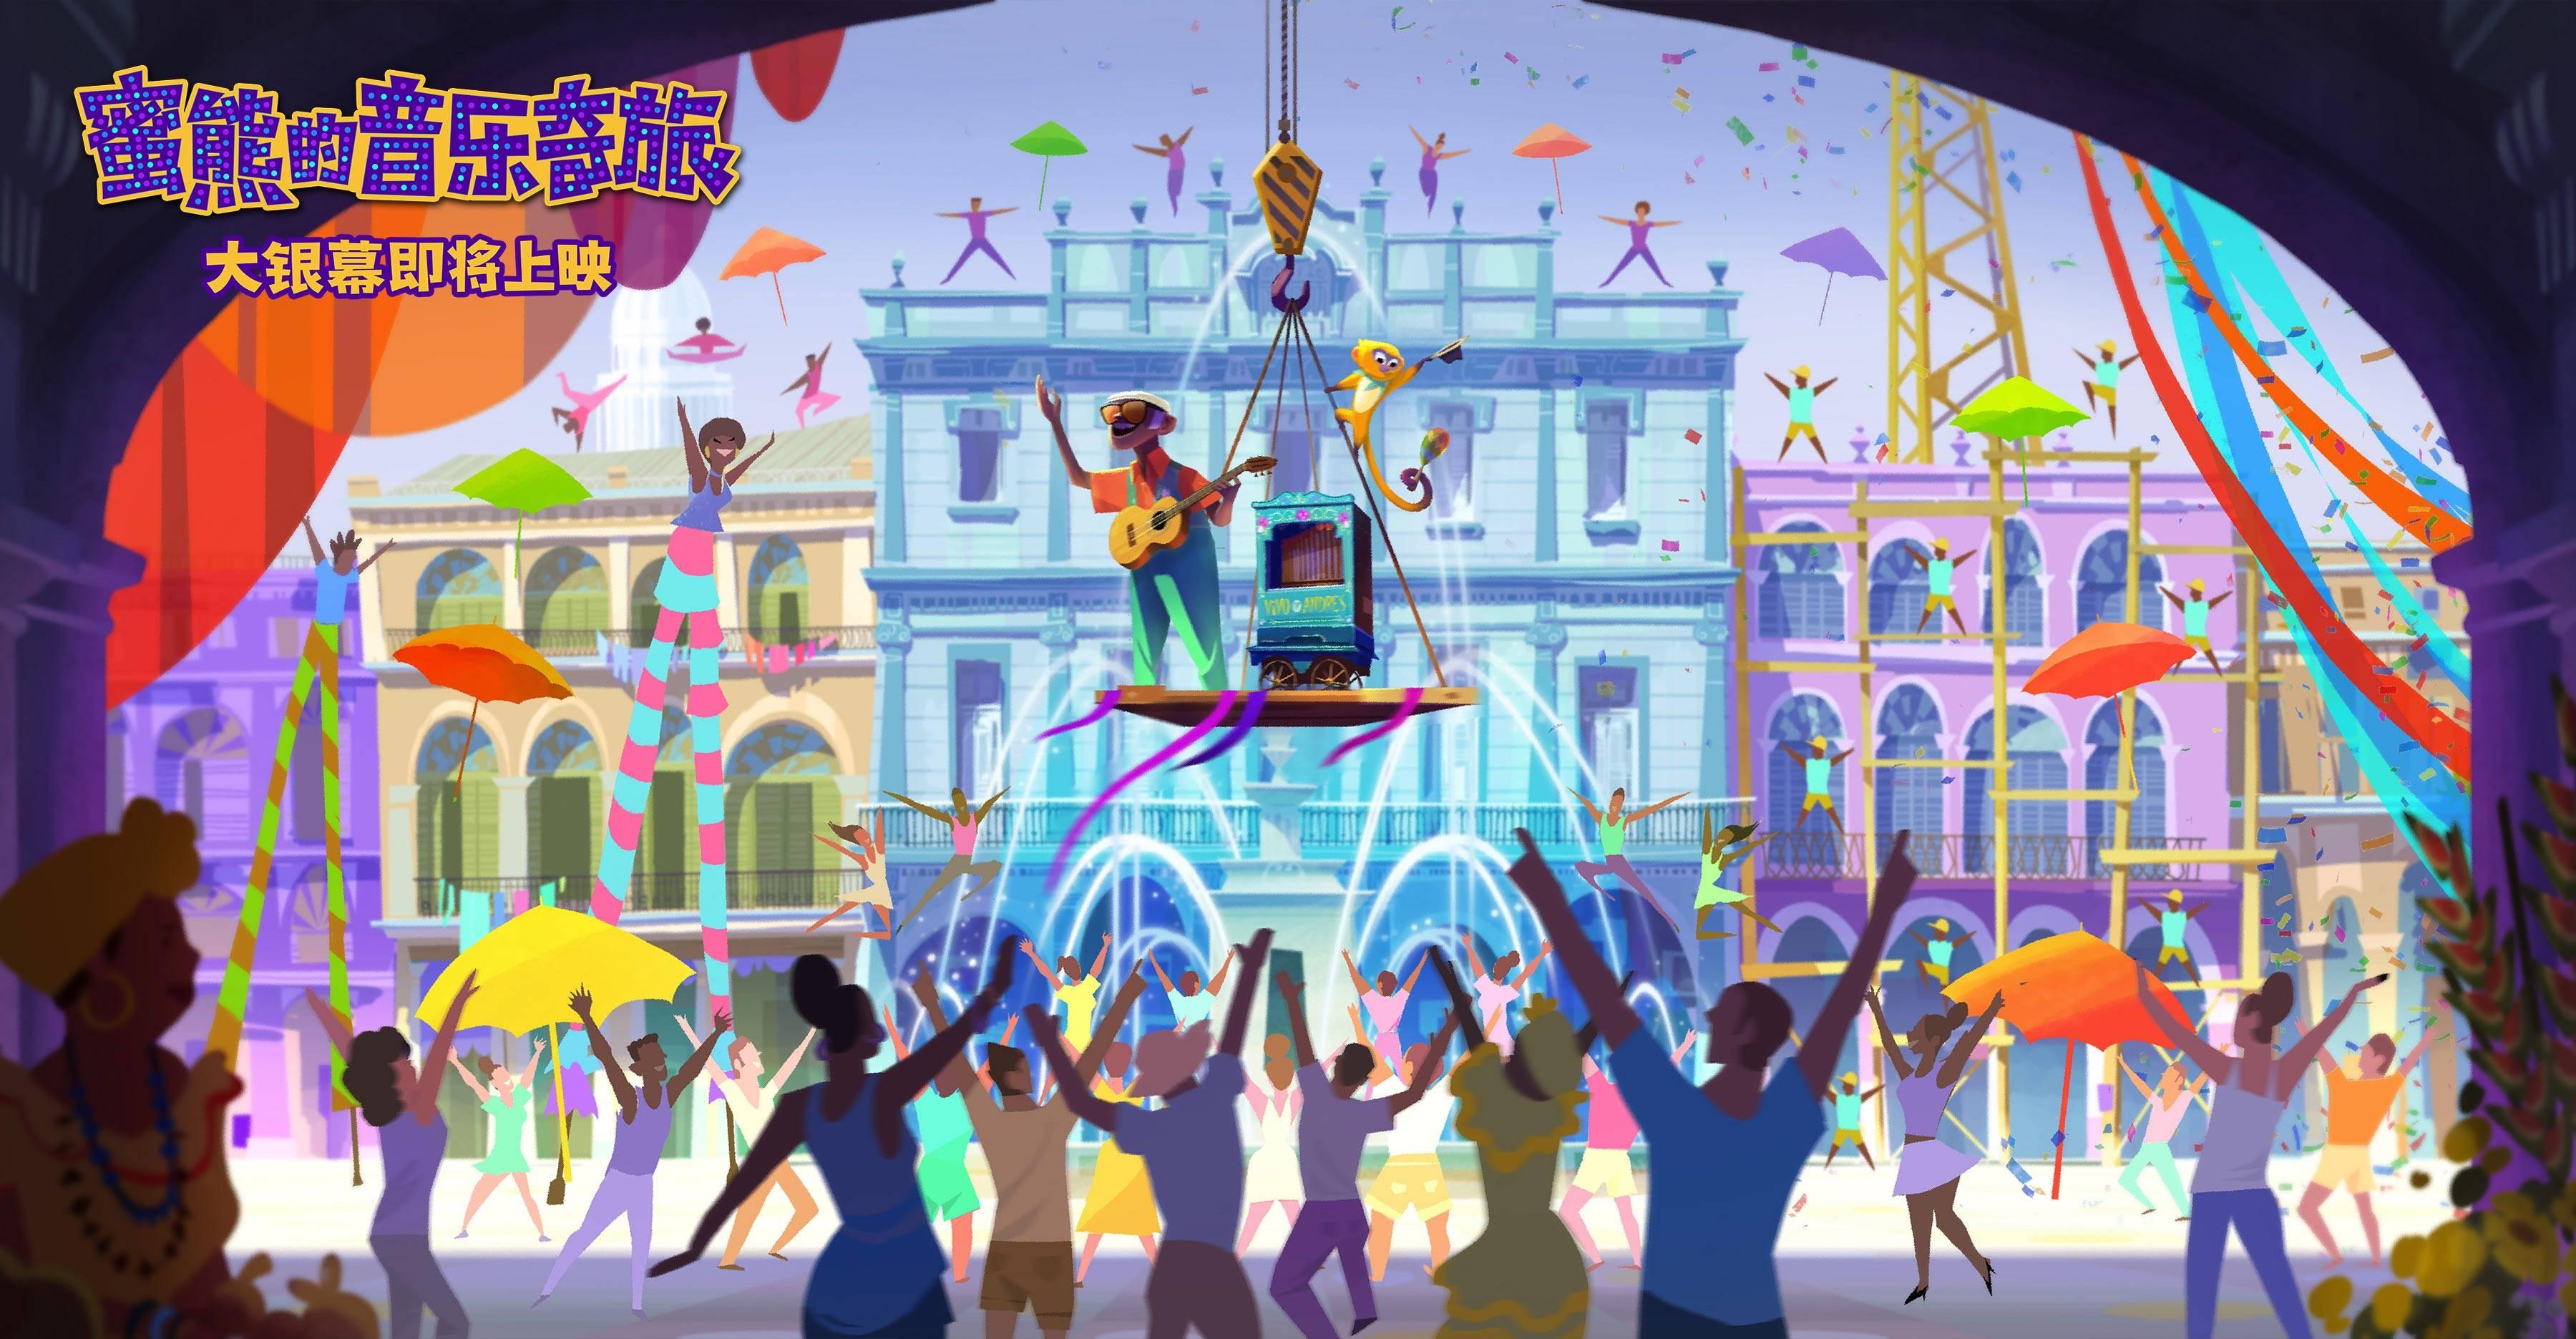 《蜜熊的音乐奇旅》发布场景设定图 完美还原南美风情